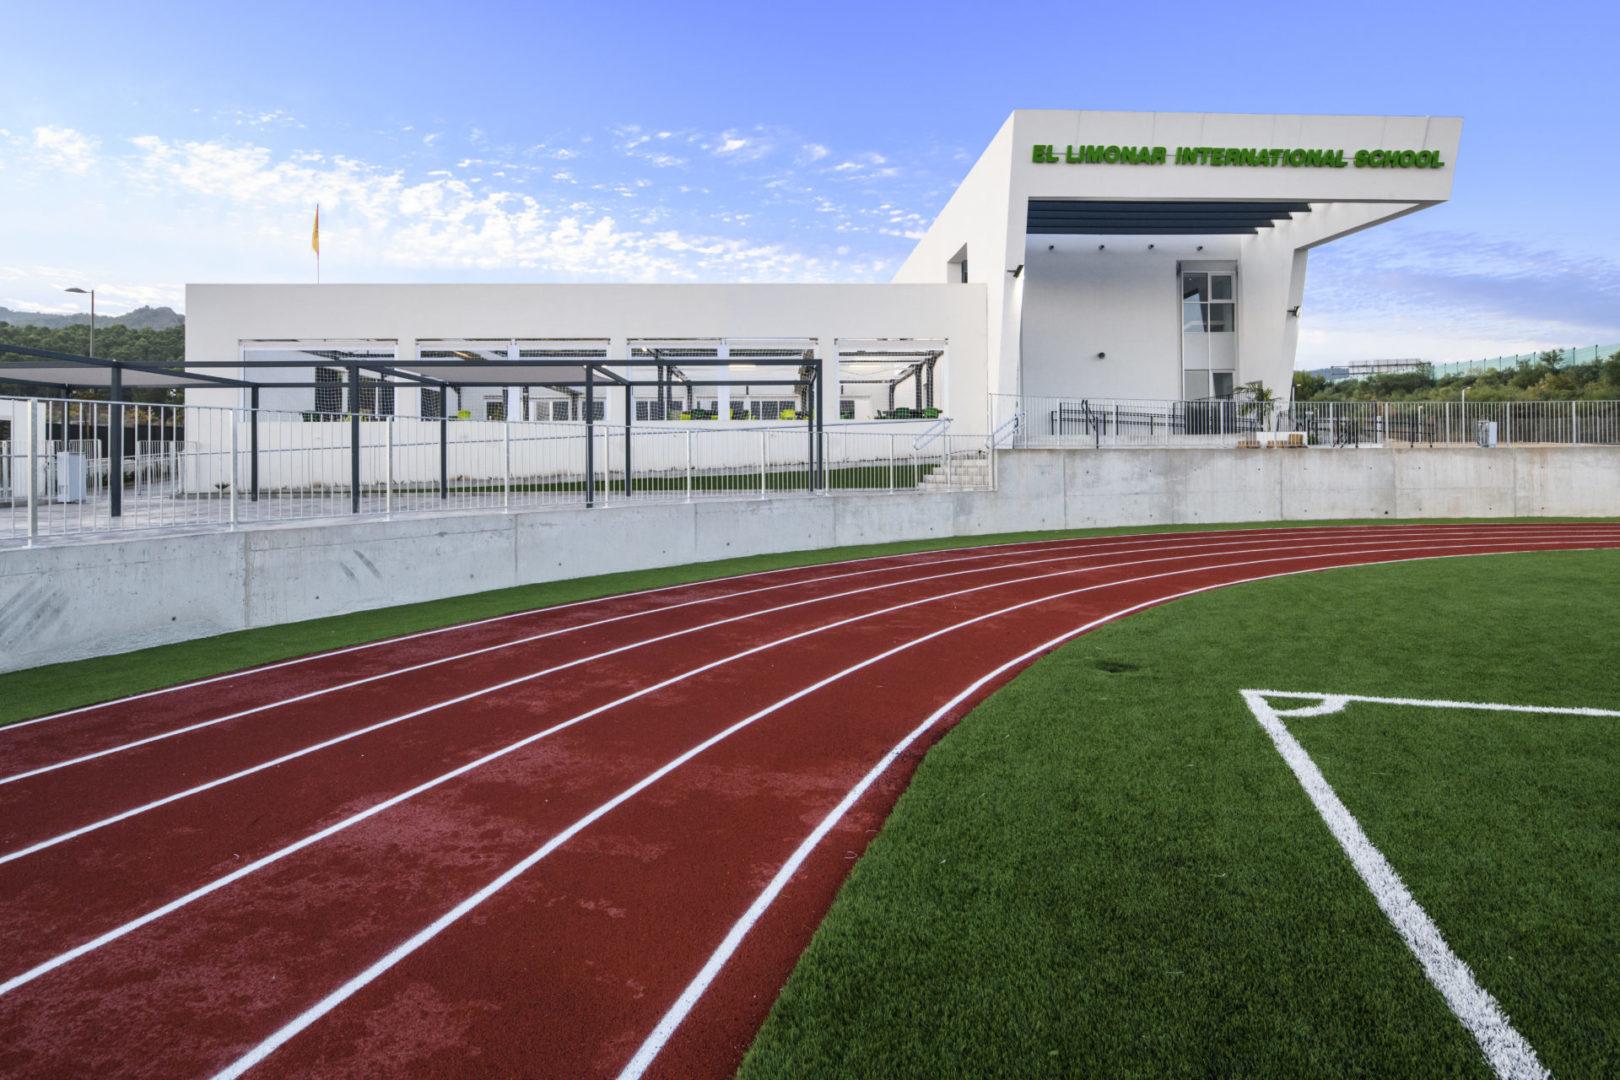 Colegio Elis 2 010 Urdecon J.Zamora